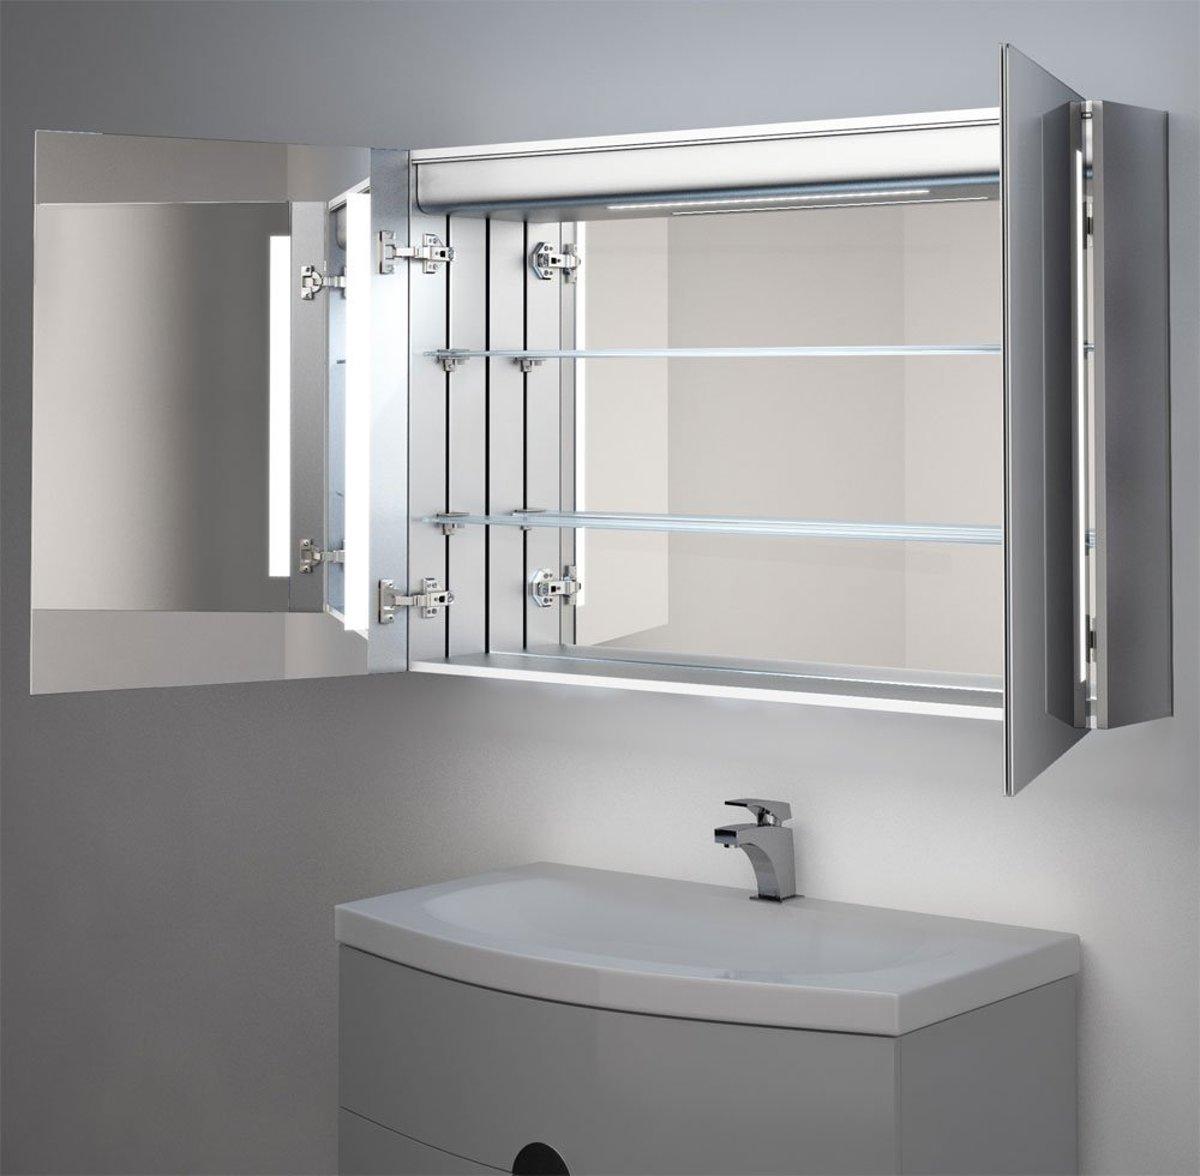 Spiegel Met Verwarming : Bol degelijke aluminium spiegelkast met bluetooth audio